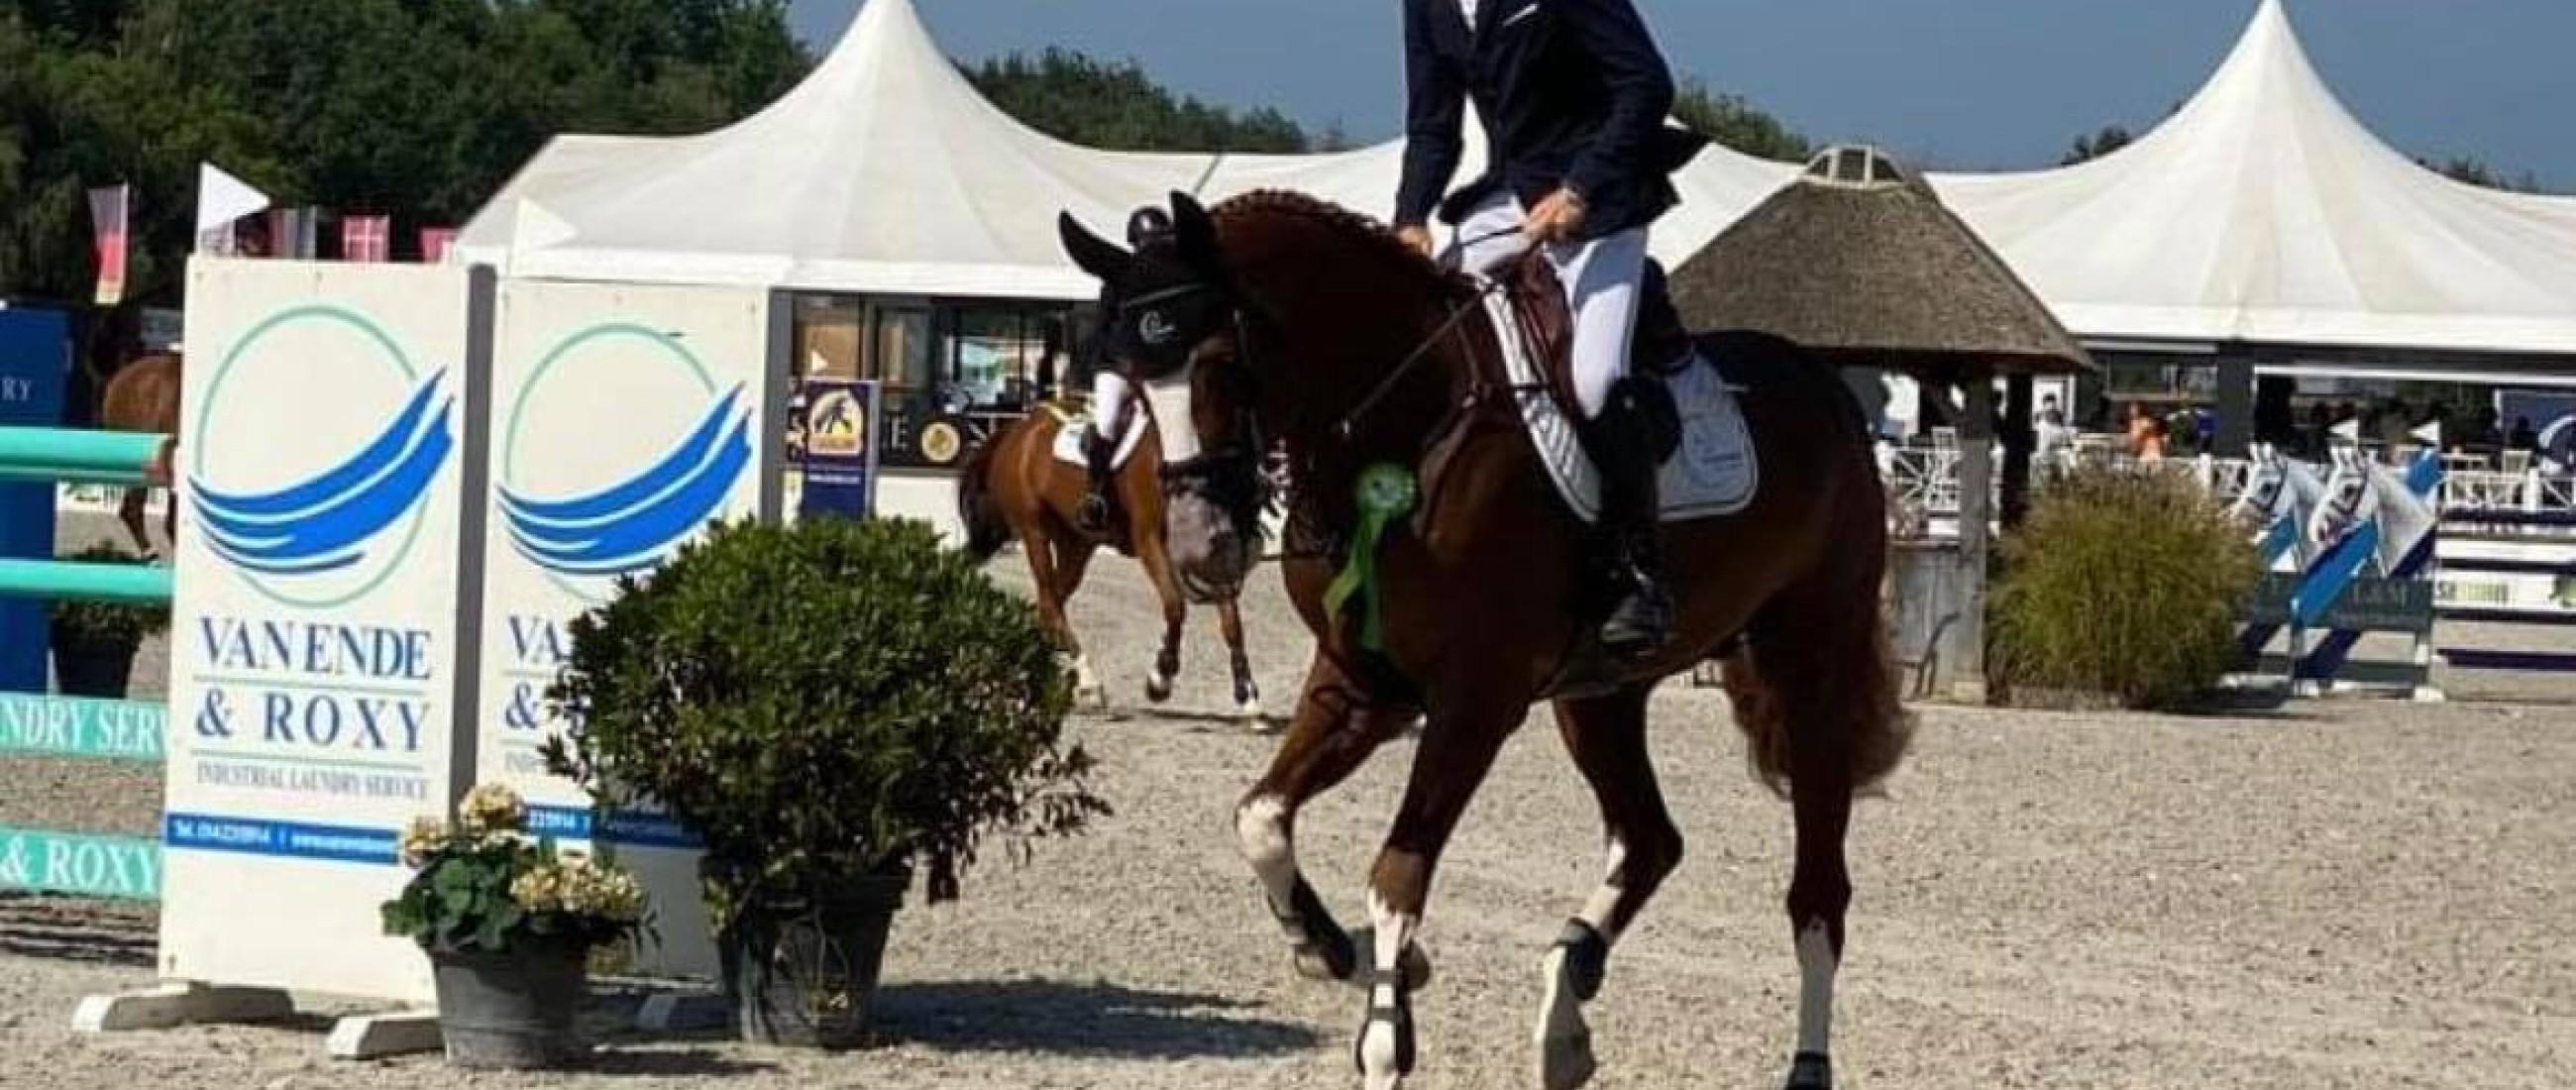 Goede resultaten voor Ermitage Kalone afgelopen weekend in zowel sport als fokkerij